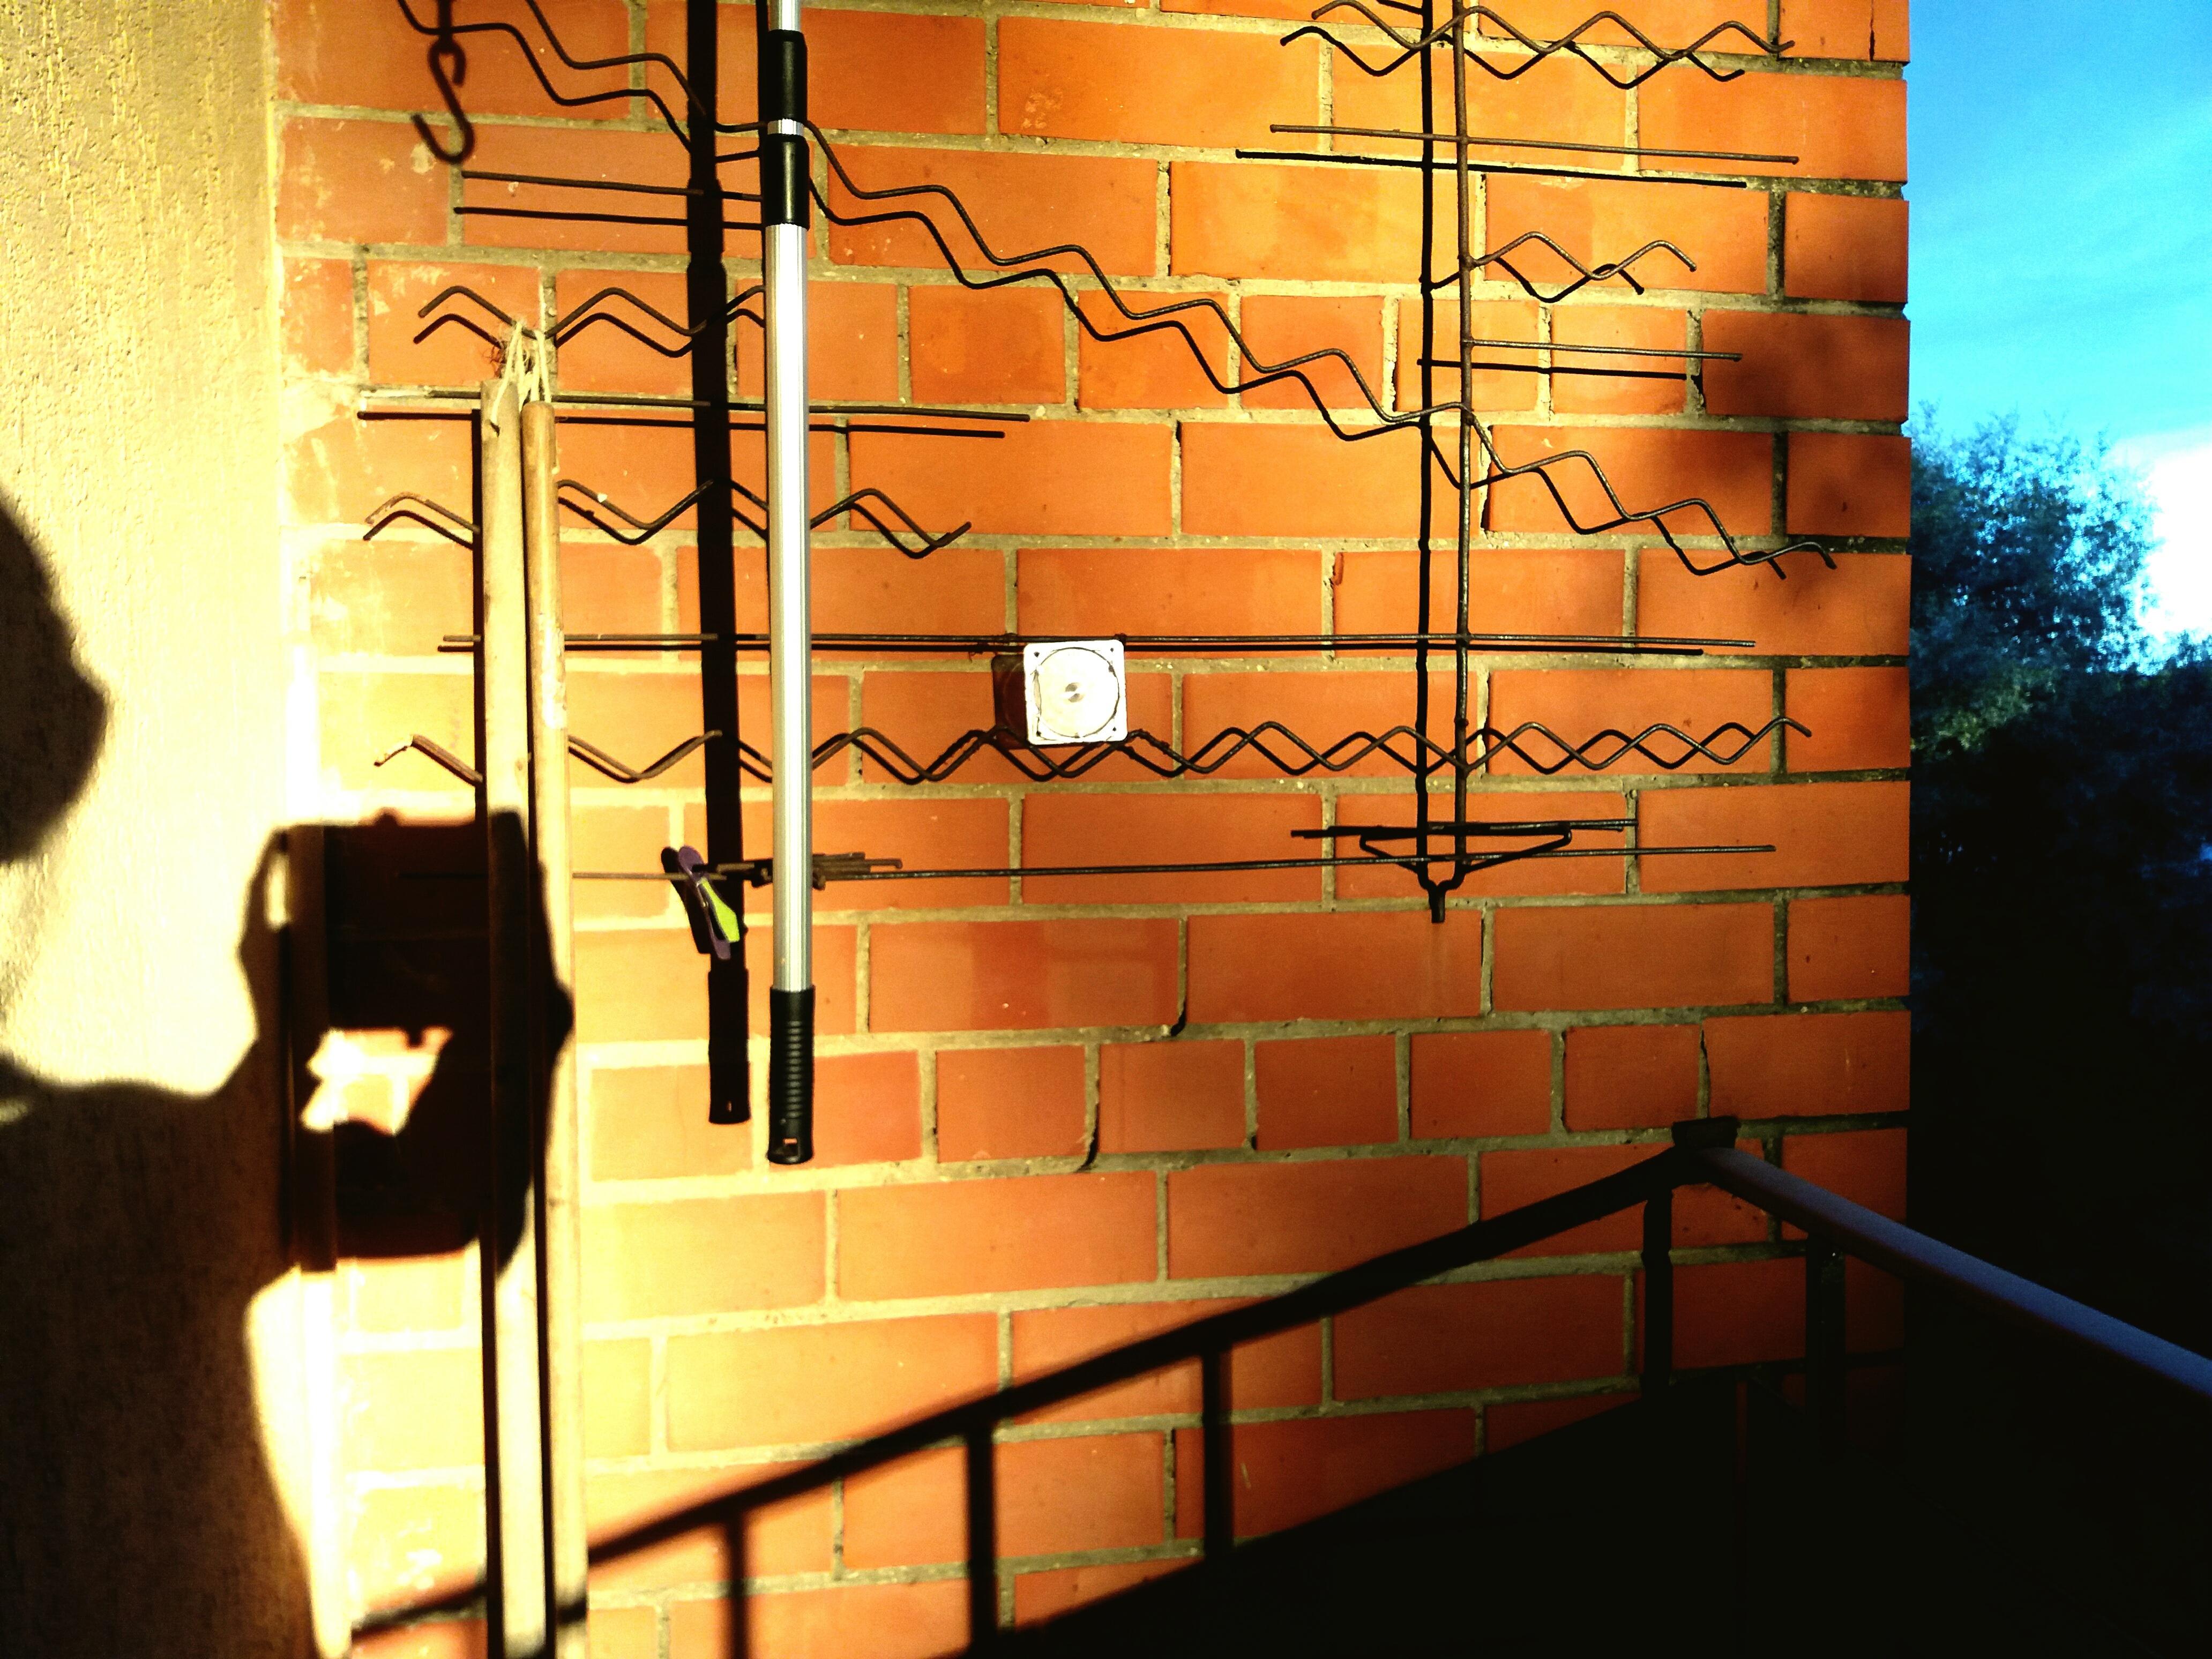 Kostenlose foto : Licht, Mauer, Betrachtung, Farbe, Beleuchtung ...